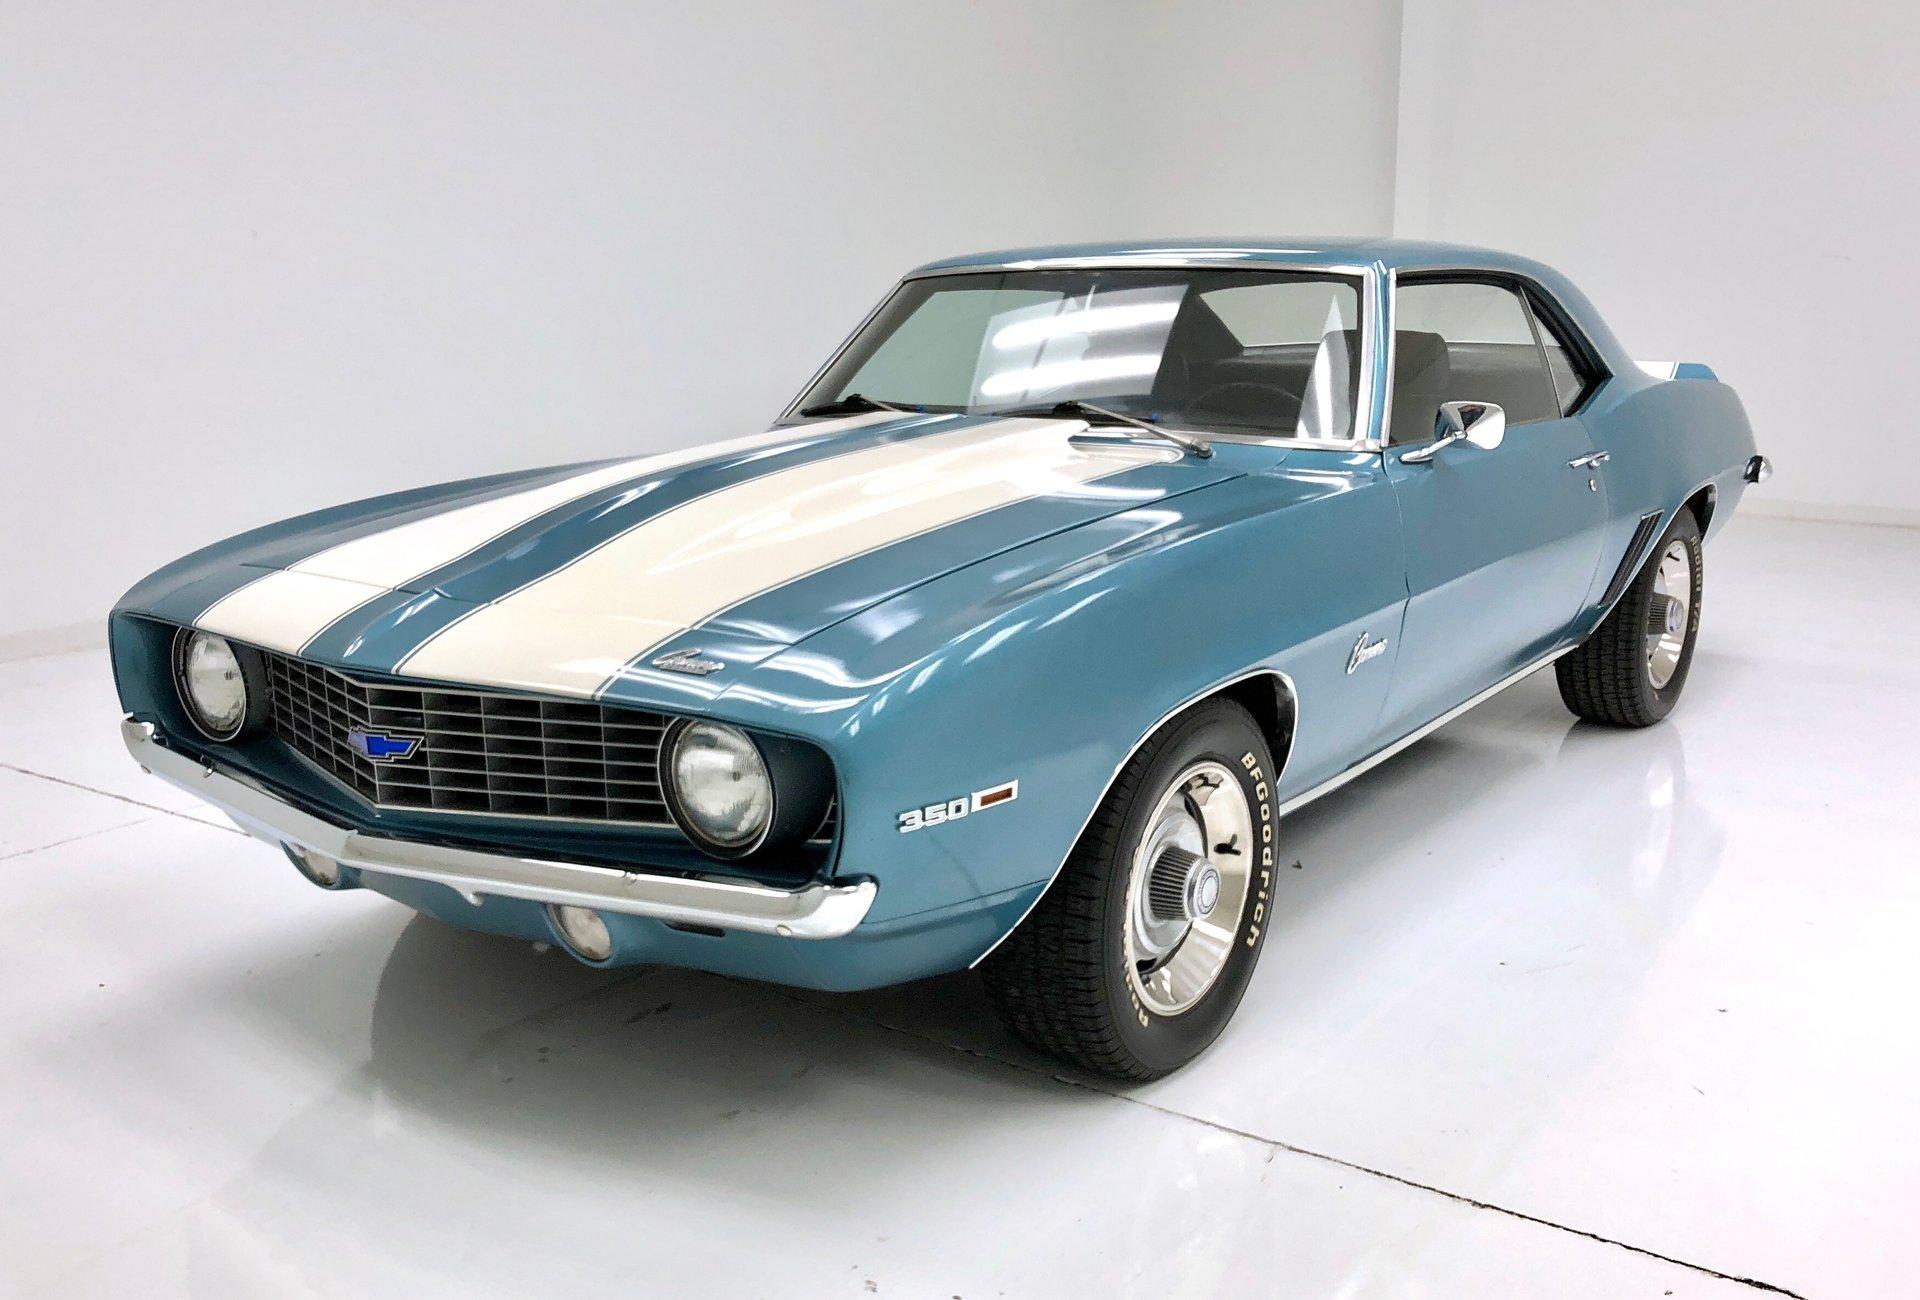 Kelebihan Kekurangan Chevrolet Camaro 1969 Harga